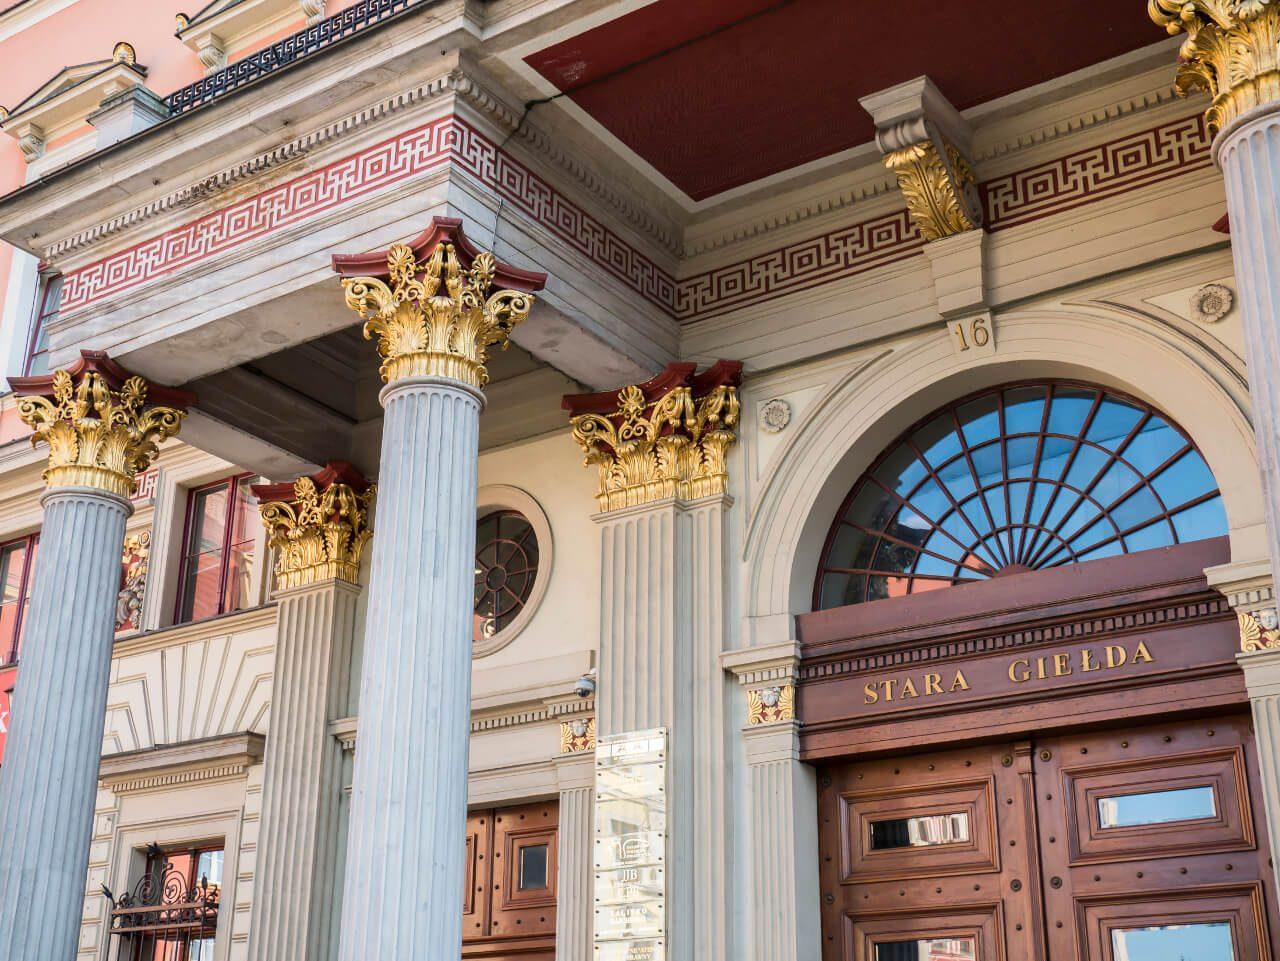 Budynek Starej Giełdy na Placu Solnym we Wrocławiu